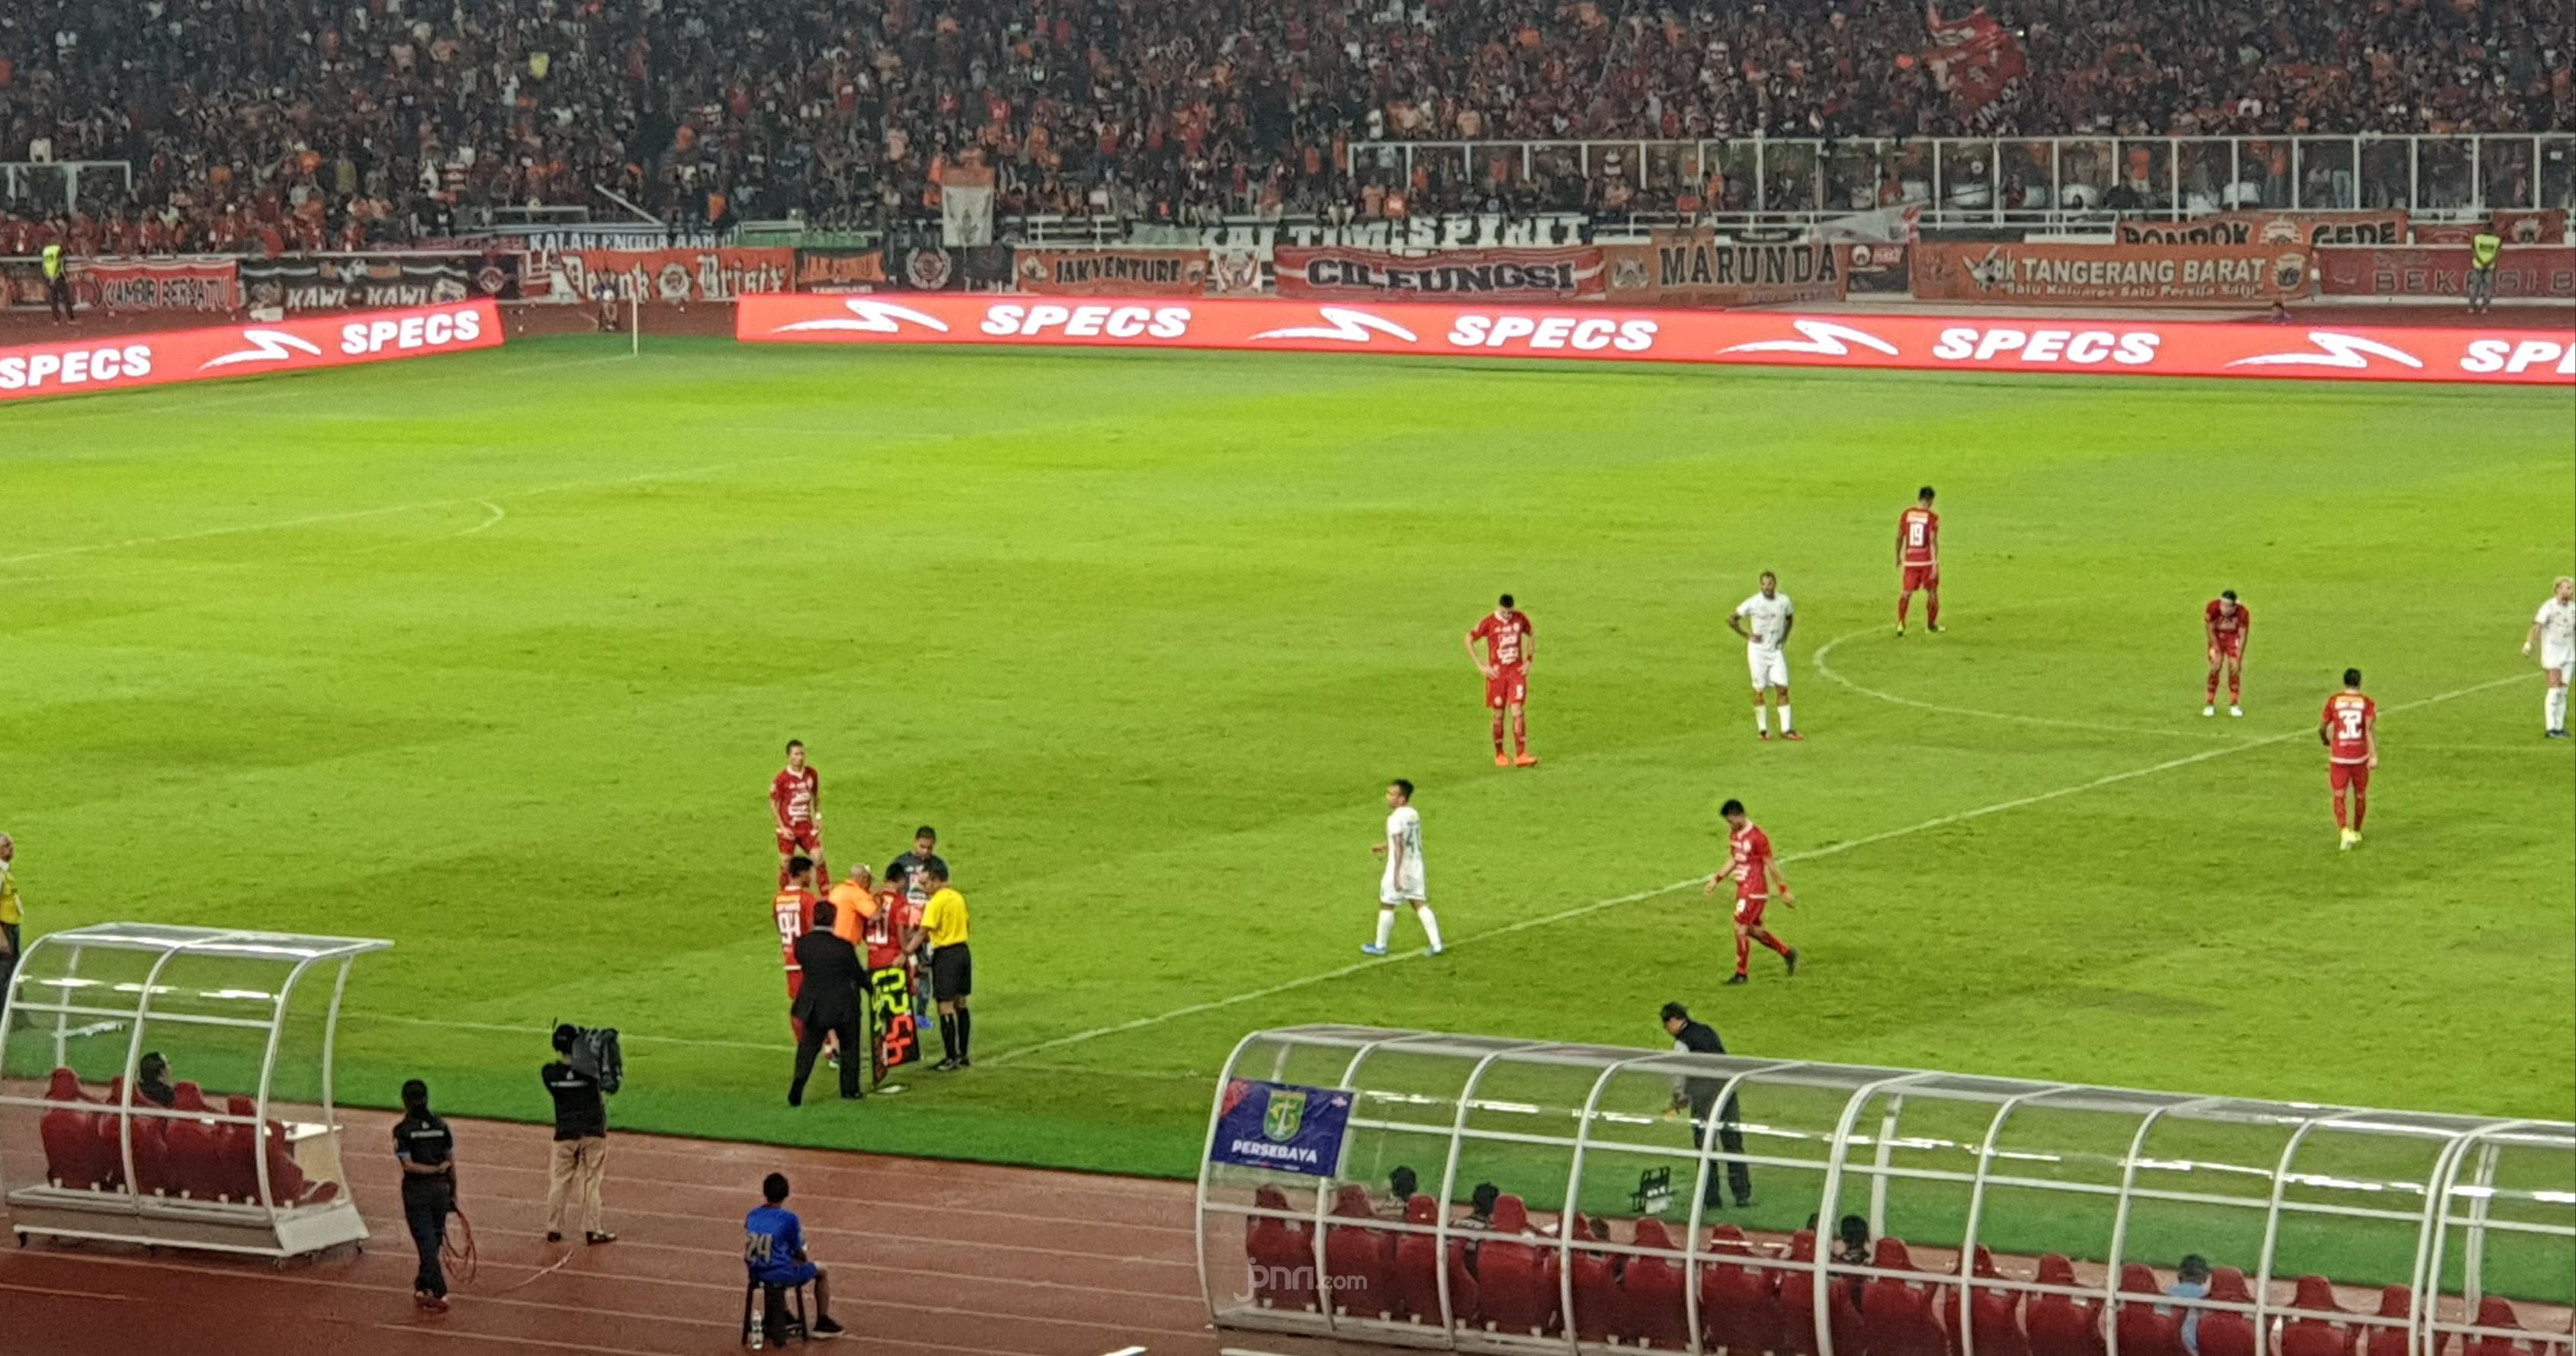 Liga 1 2020 Dihentikan, Manajemen Persita Tangerang Bilang Begini - JPNN.com